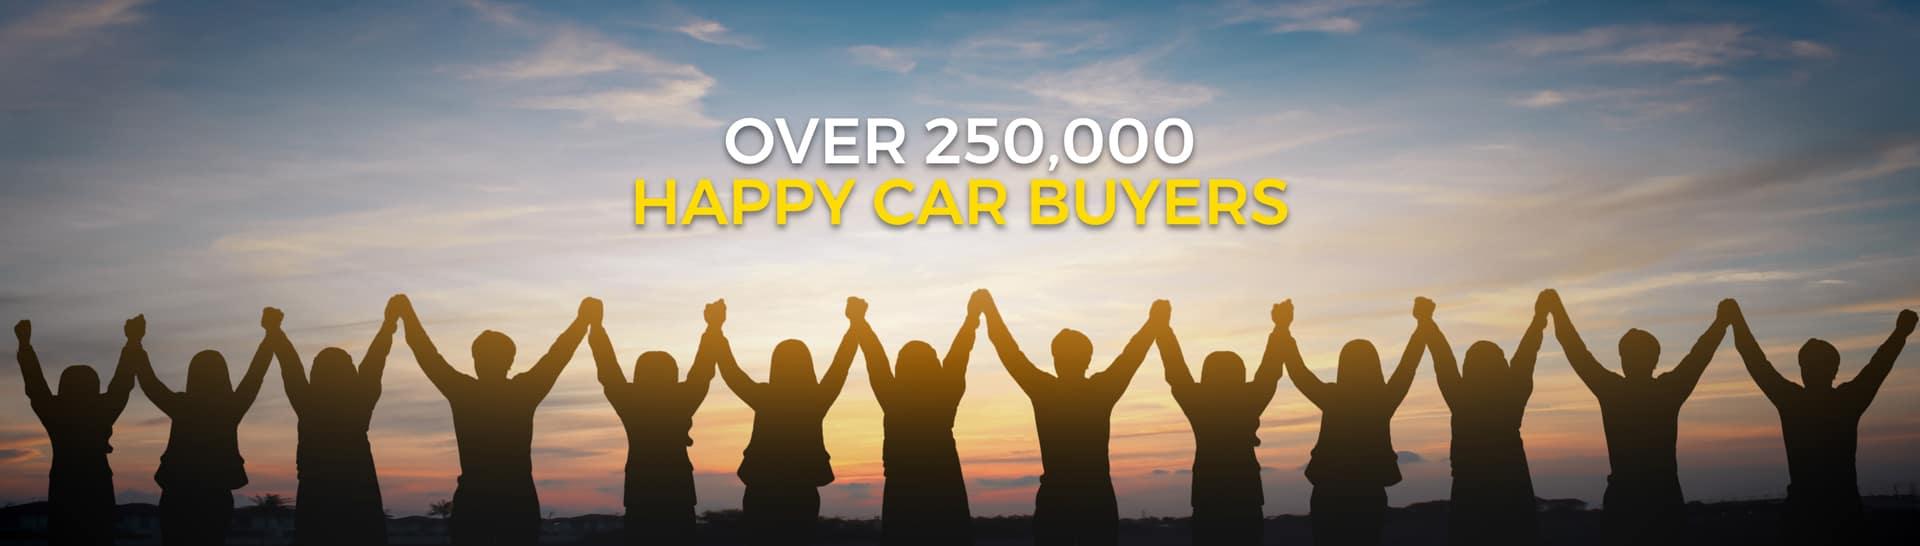 Over 250,000 Happy Car Buyers